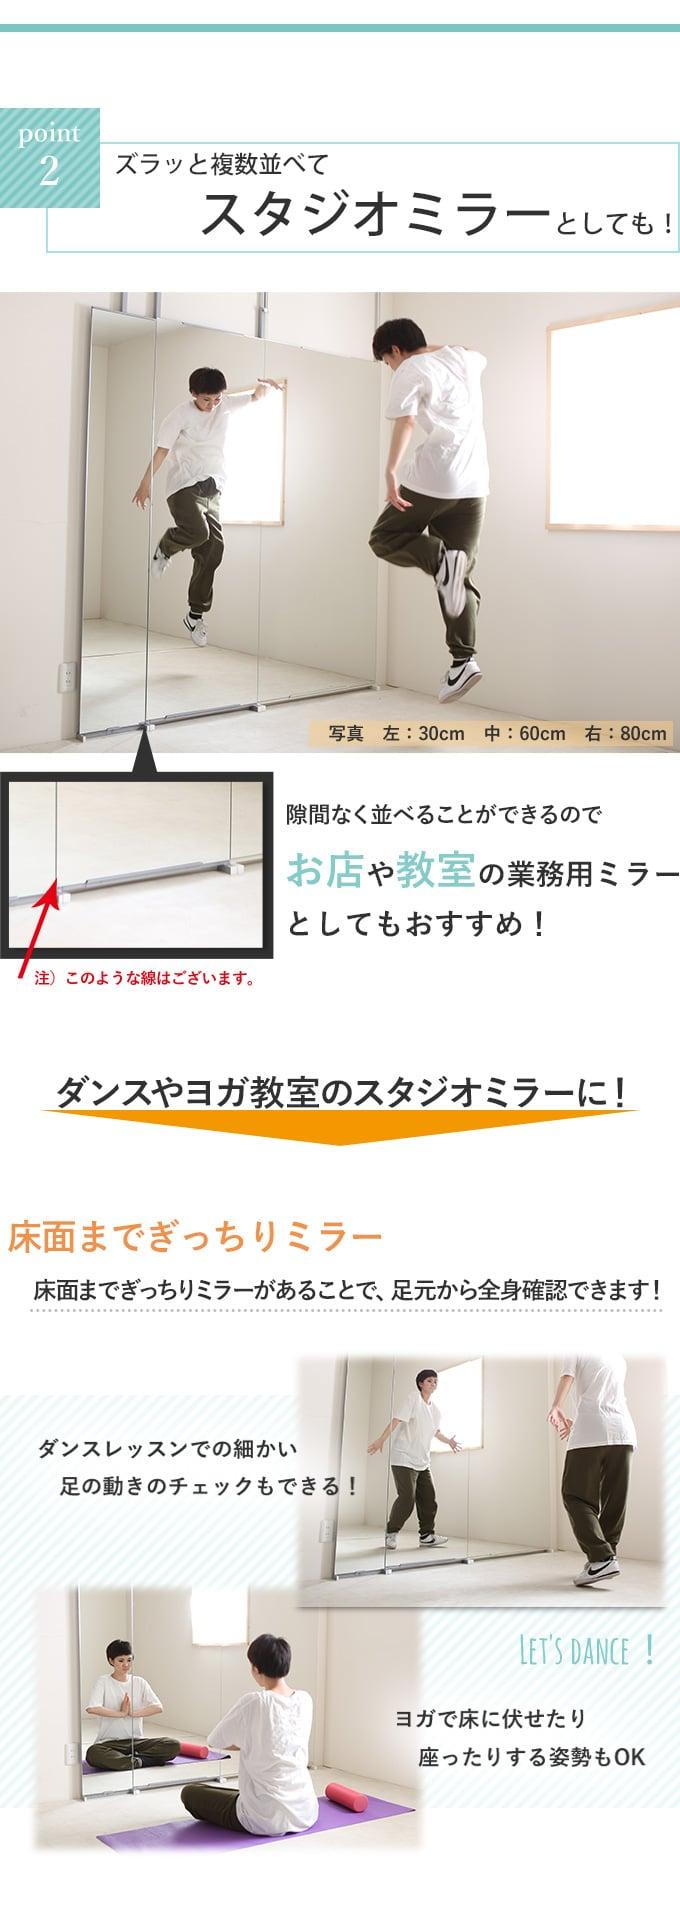 『つっぱりミラー 幅30cm』